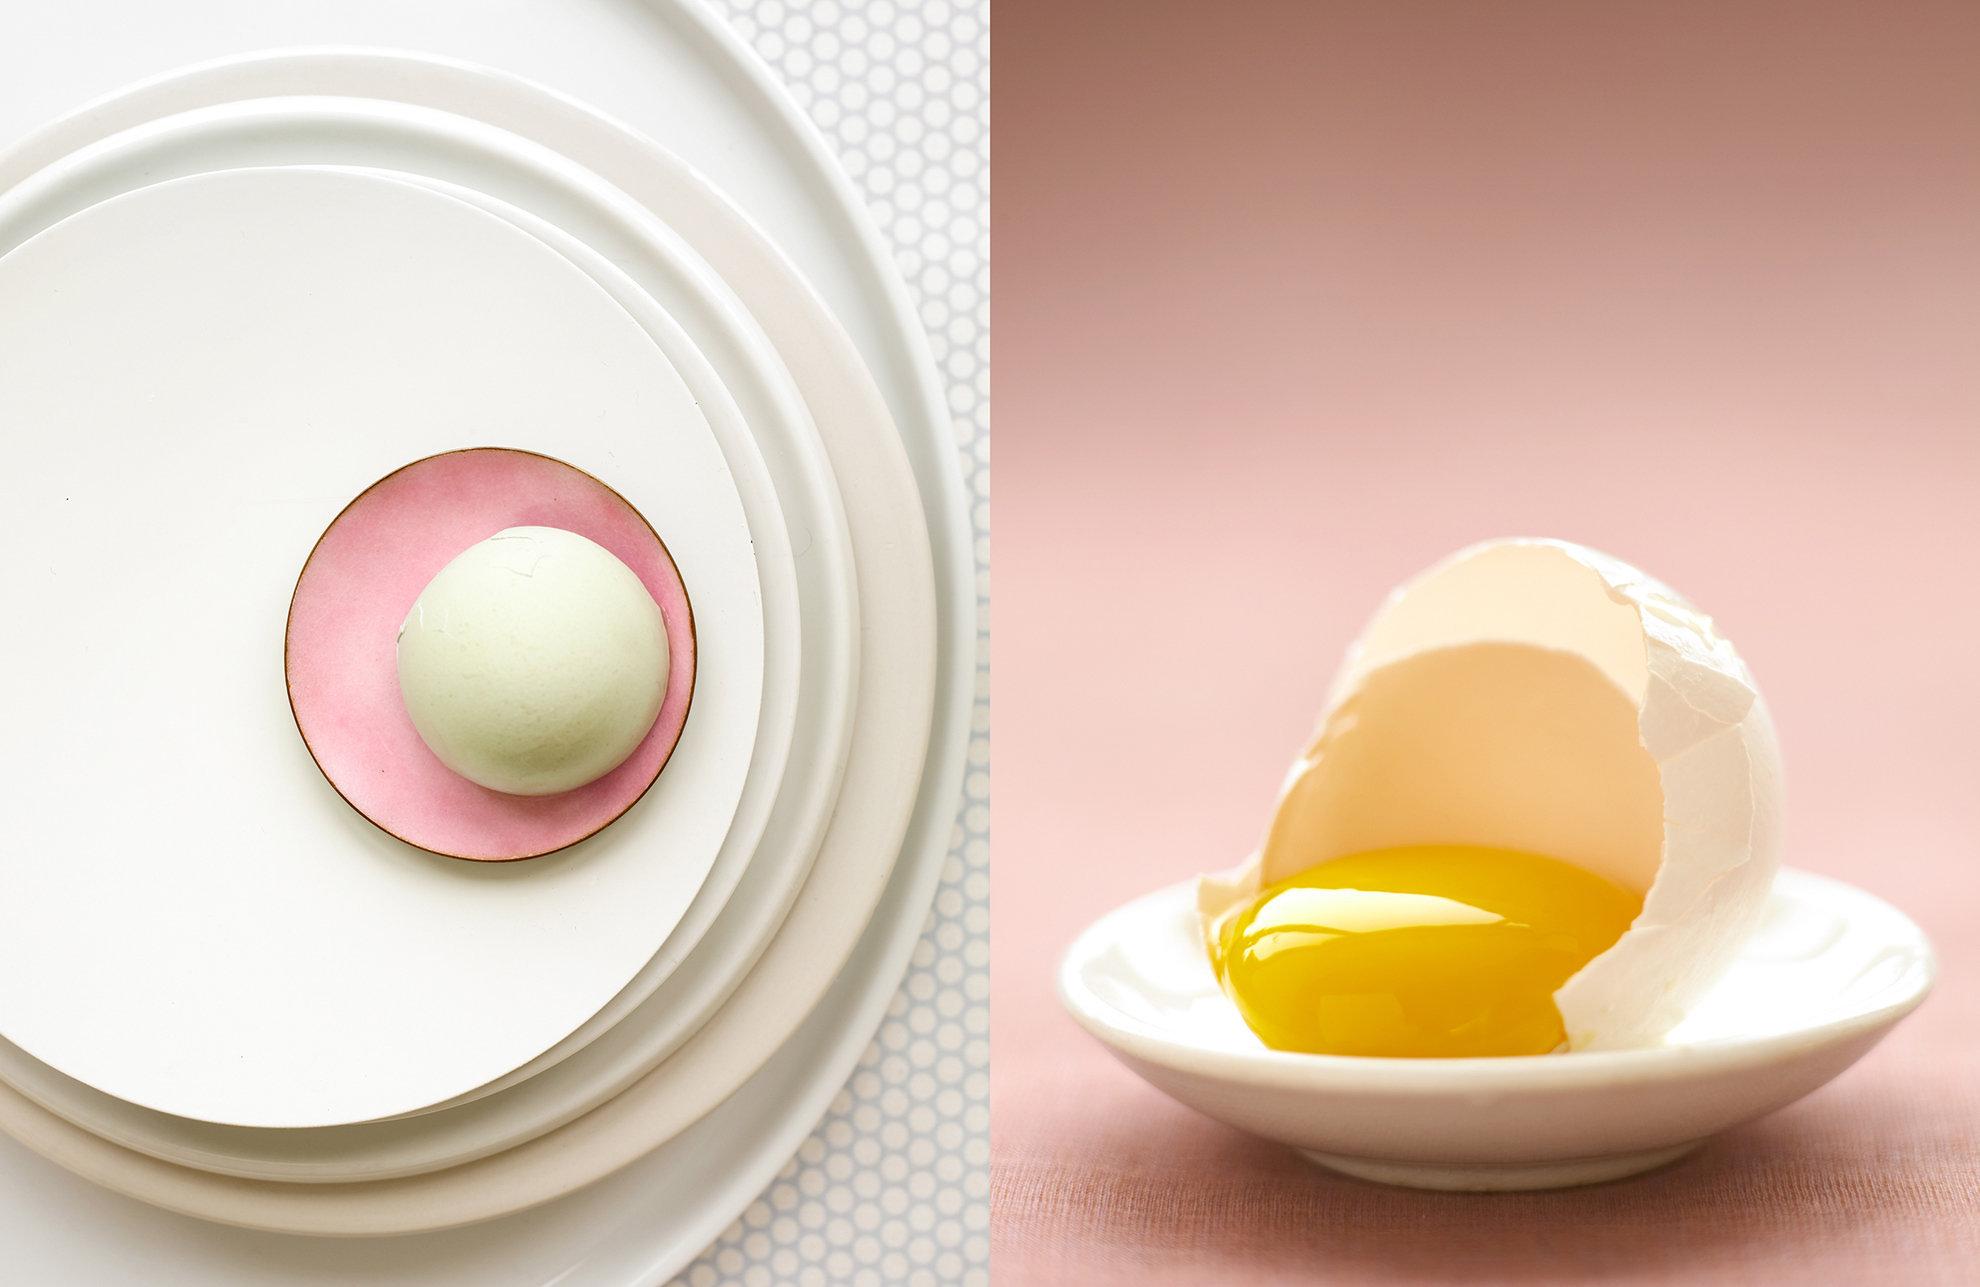 53_food.jpg